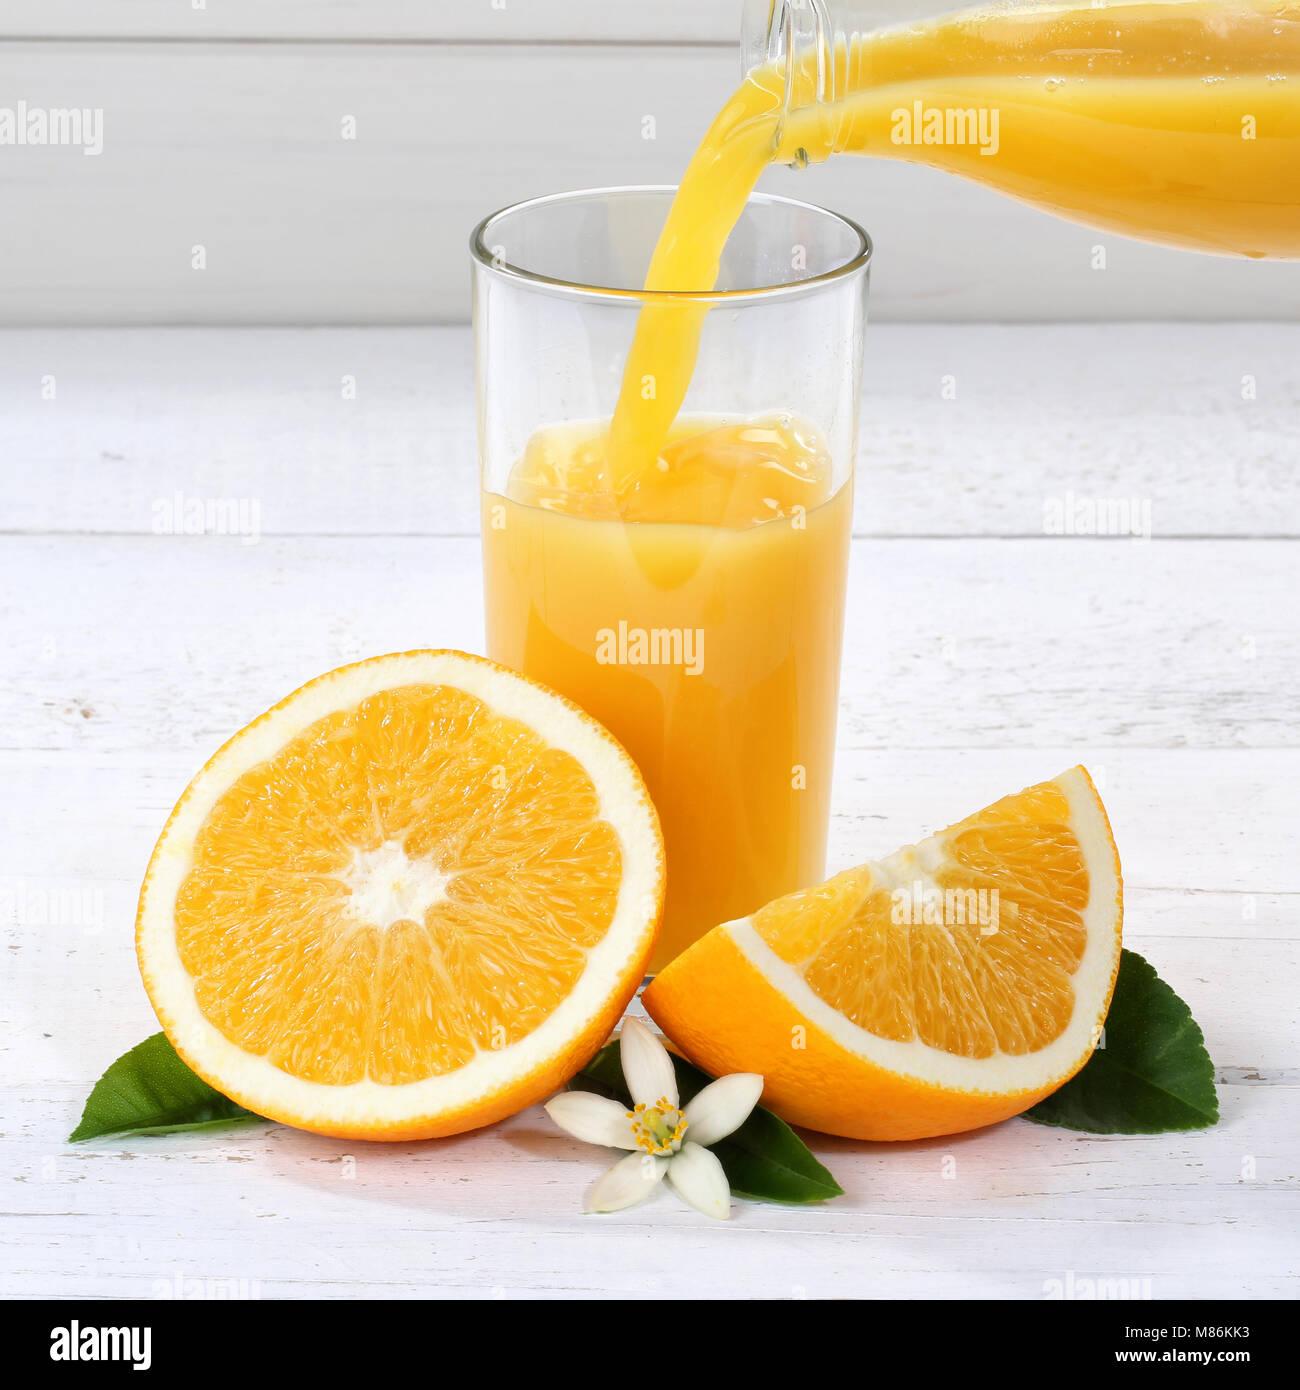 9d9392da86456a Verser le jus d'Orange pour les oranges fruits fruits carrés ...